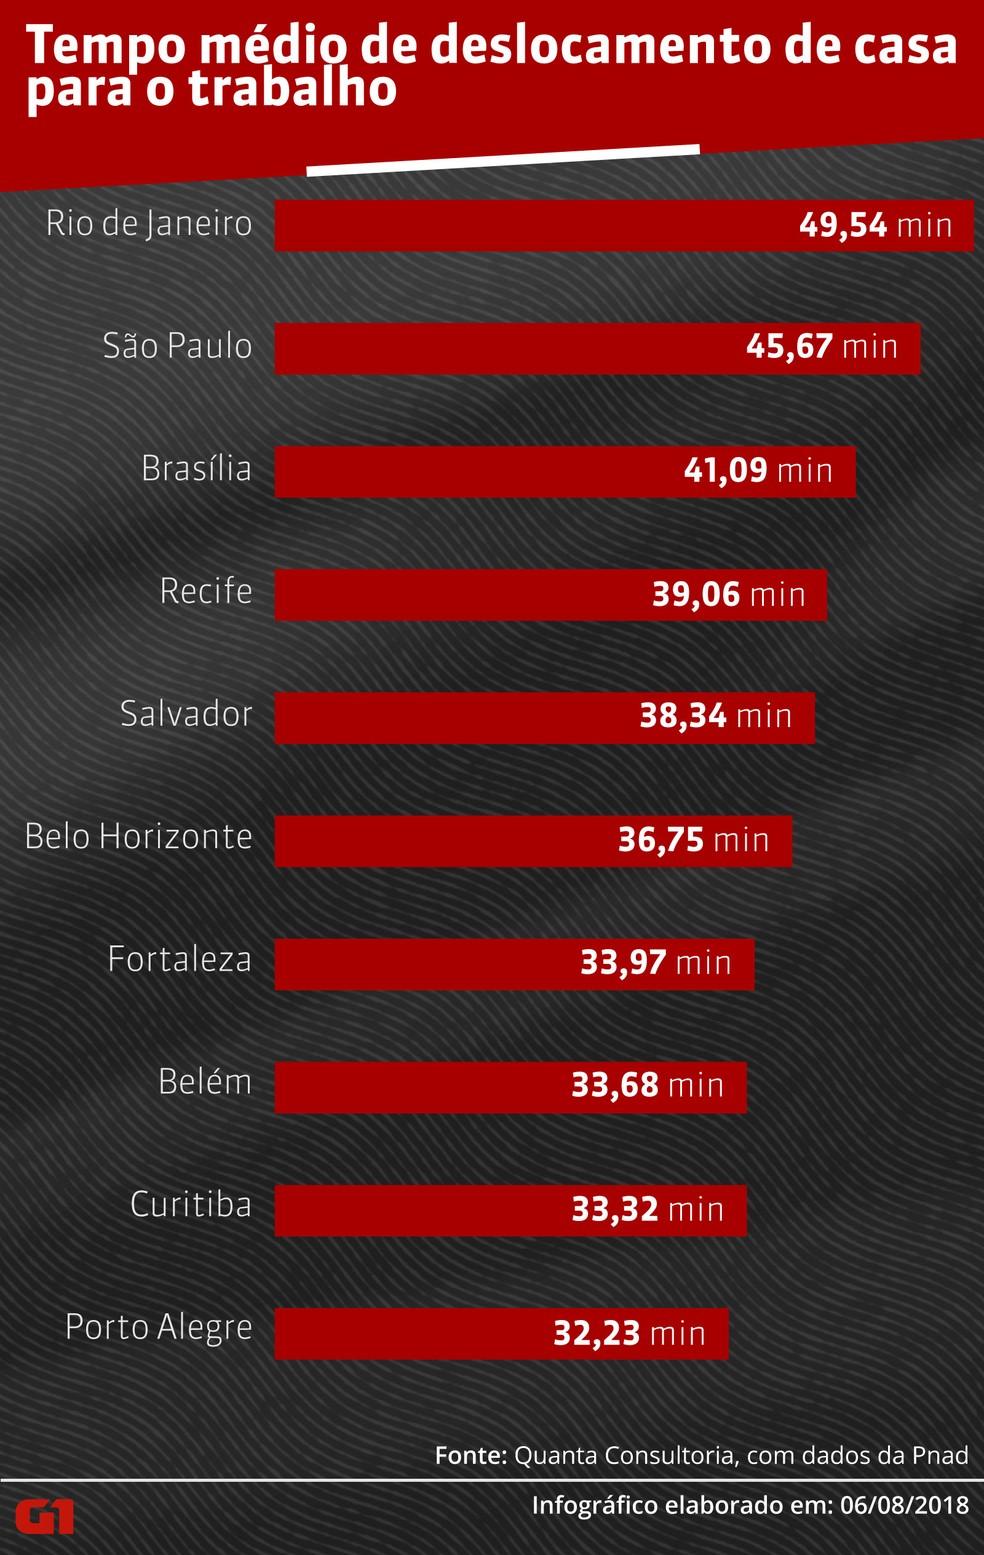 Dados mostram tempo médio de deslocamento no trânsito de casa para o trabalho nas grandes cidades do Brasil (Foto: GloboNews/Em Movimento)